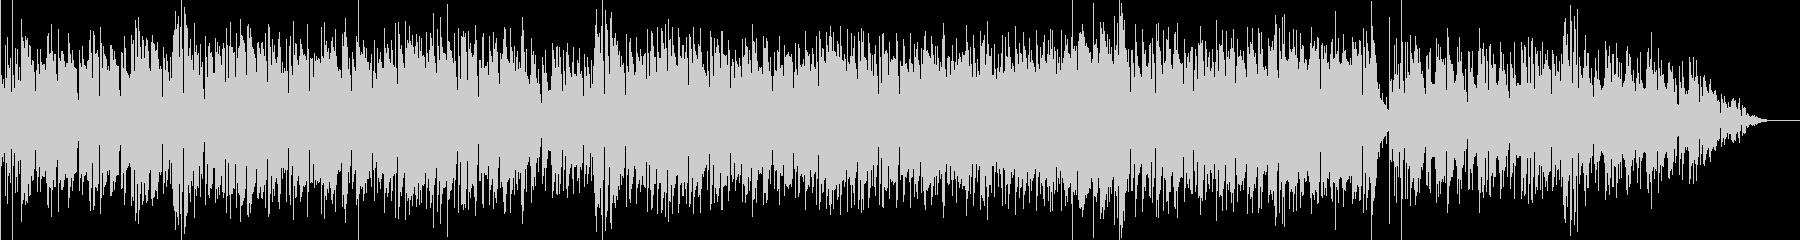 ジャズスタンダード ブラス アップテンポの未再生の波形